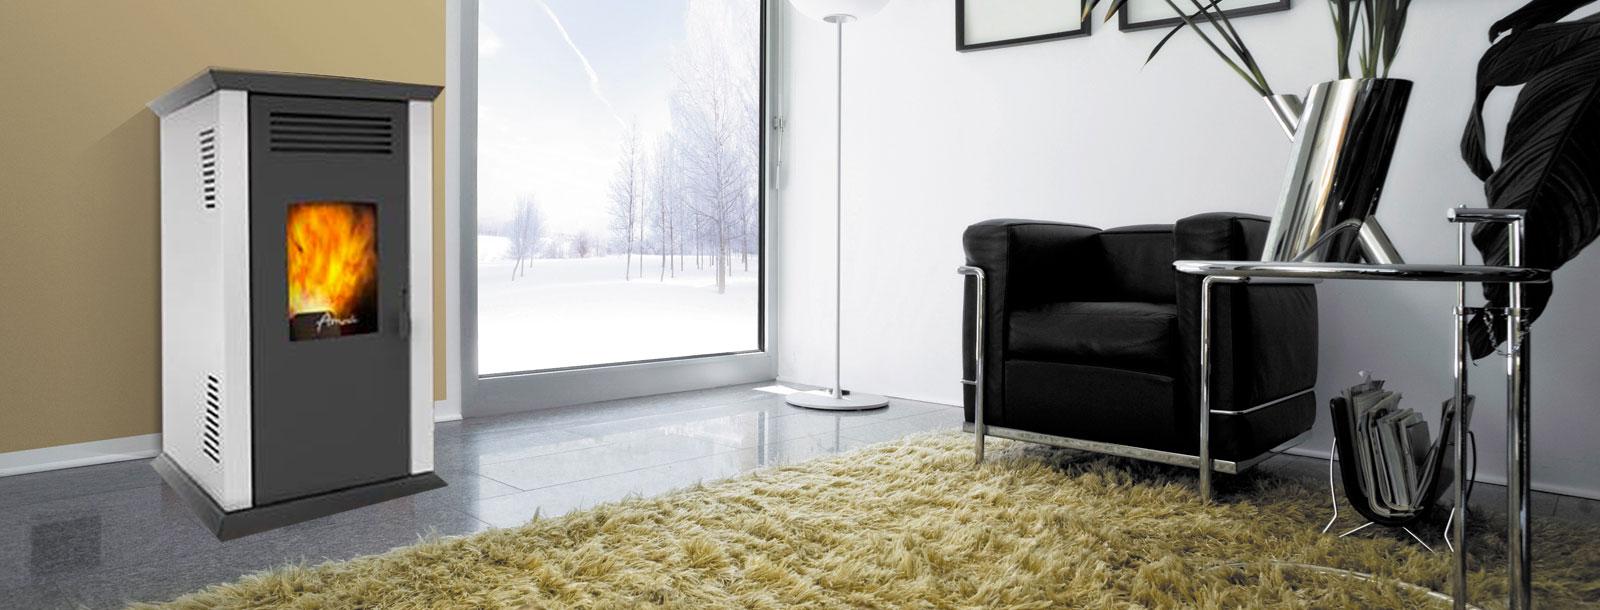 Puro Pellet: Estufas a Pellets hogareñas, una energía viable y eficiente